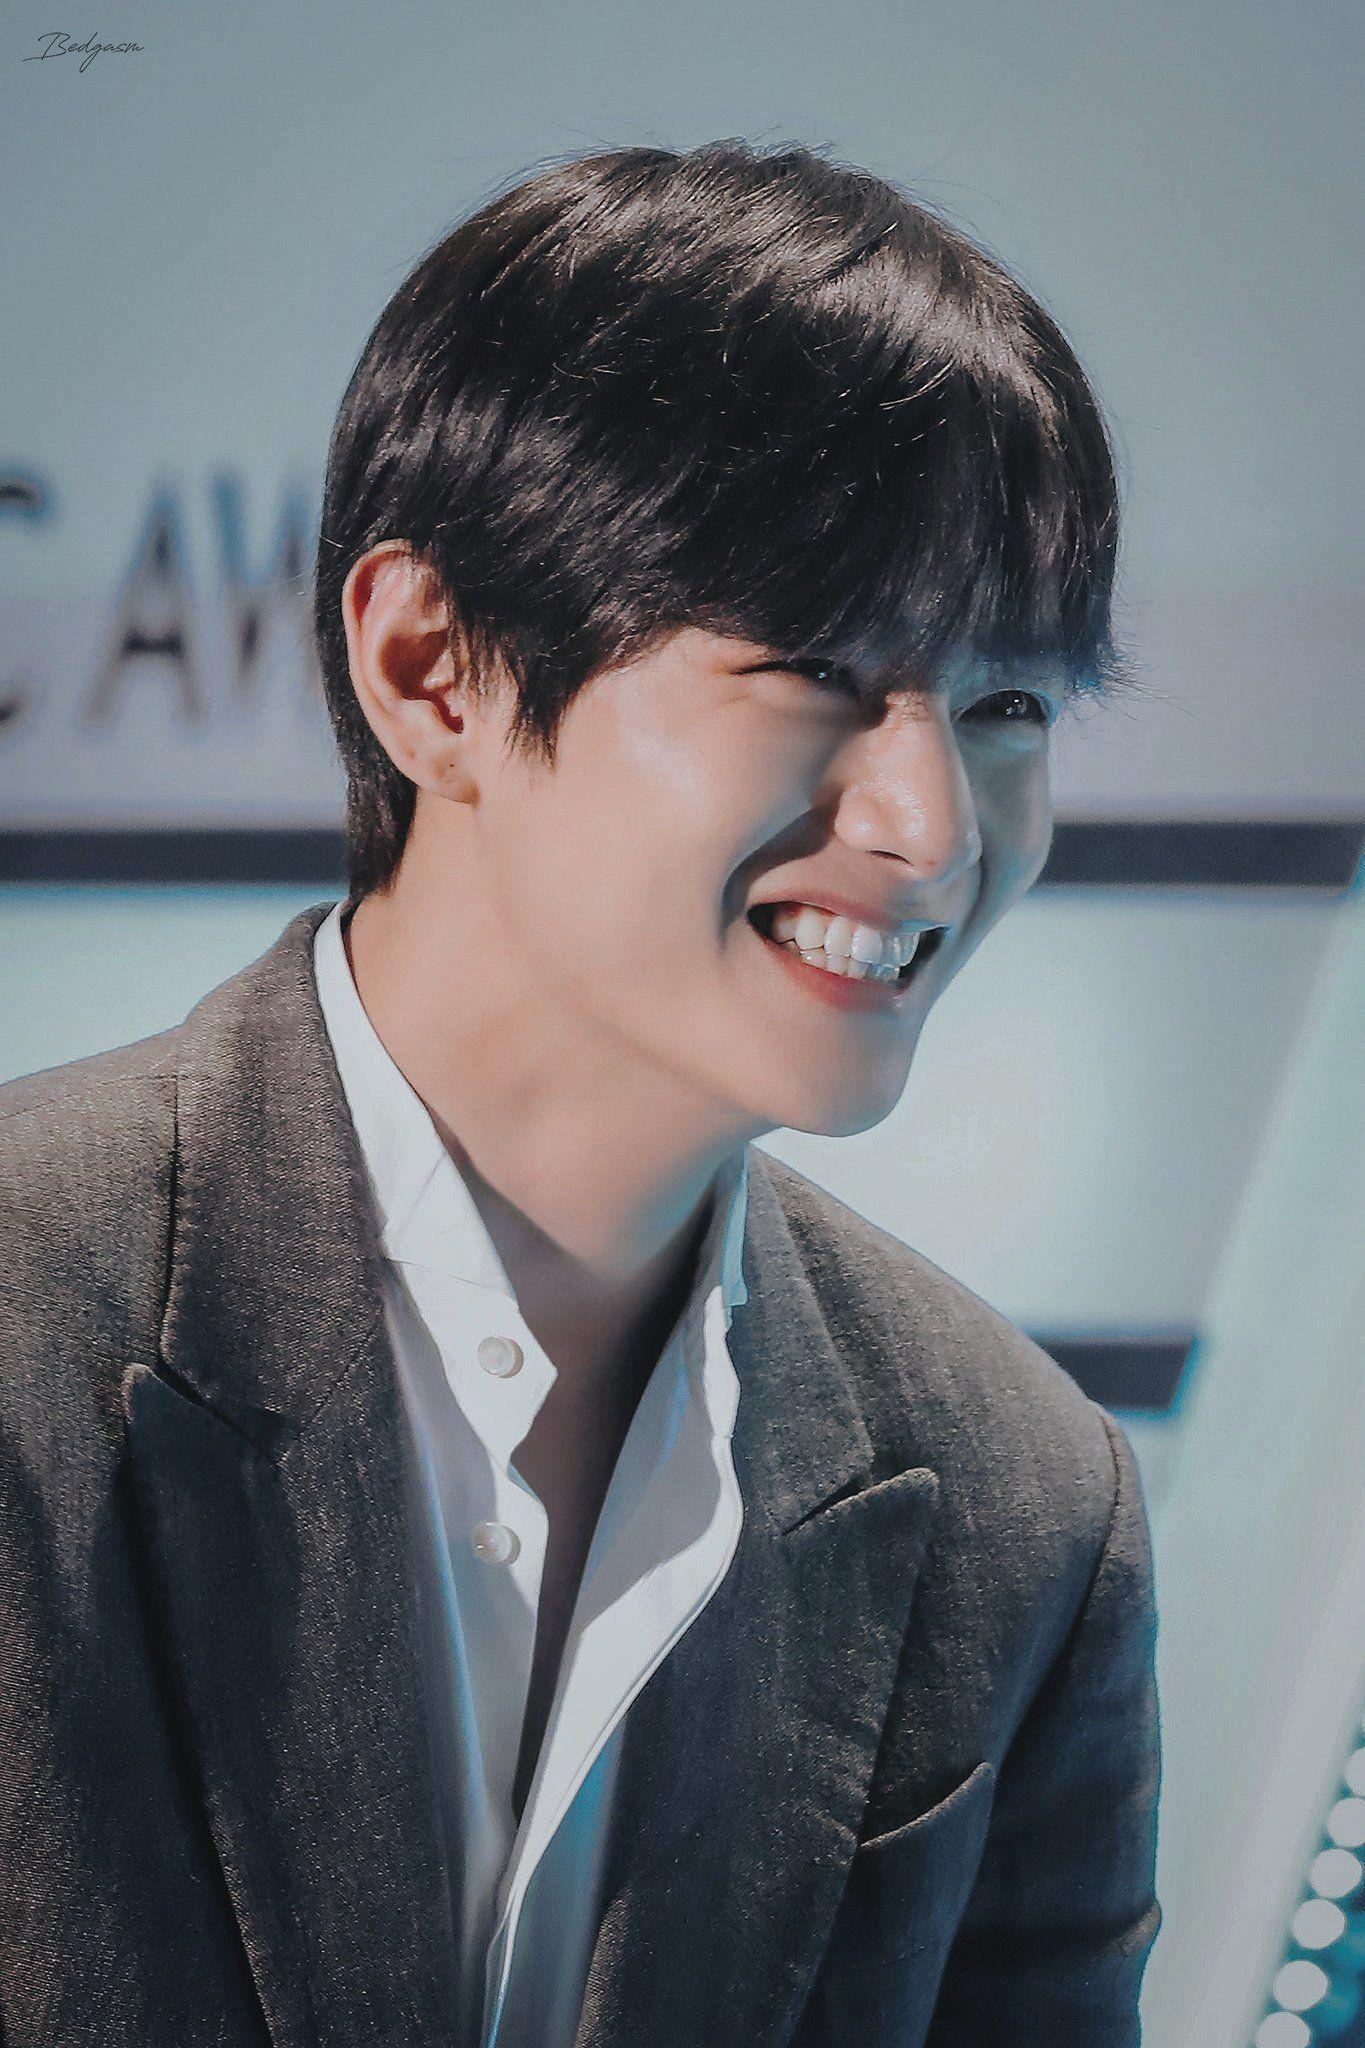 Khi anh cười là cả một bầu trời thương nhớ